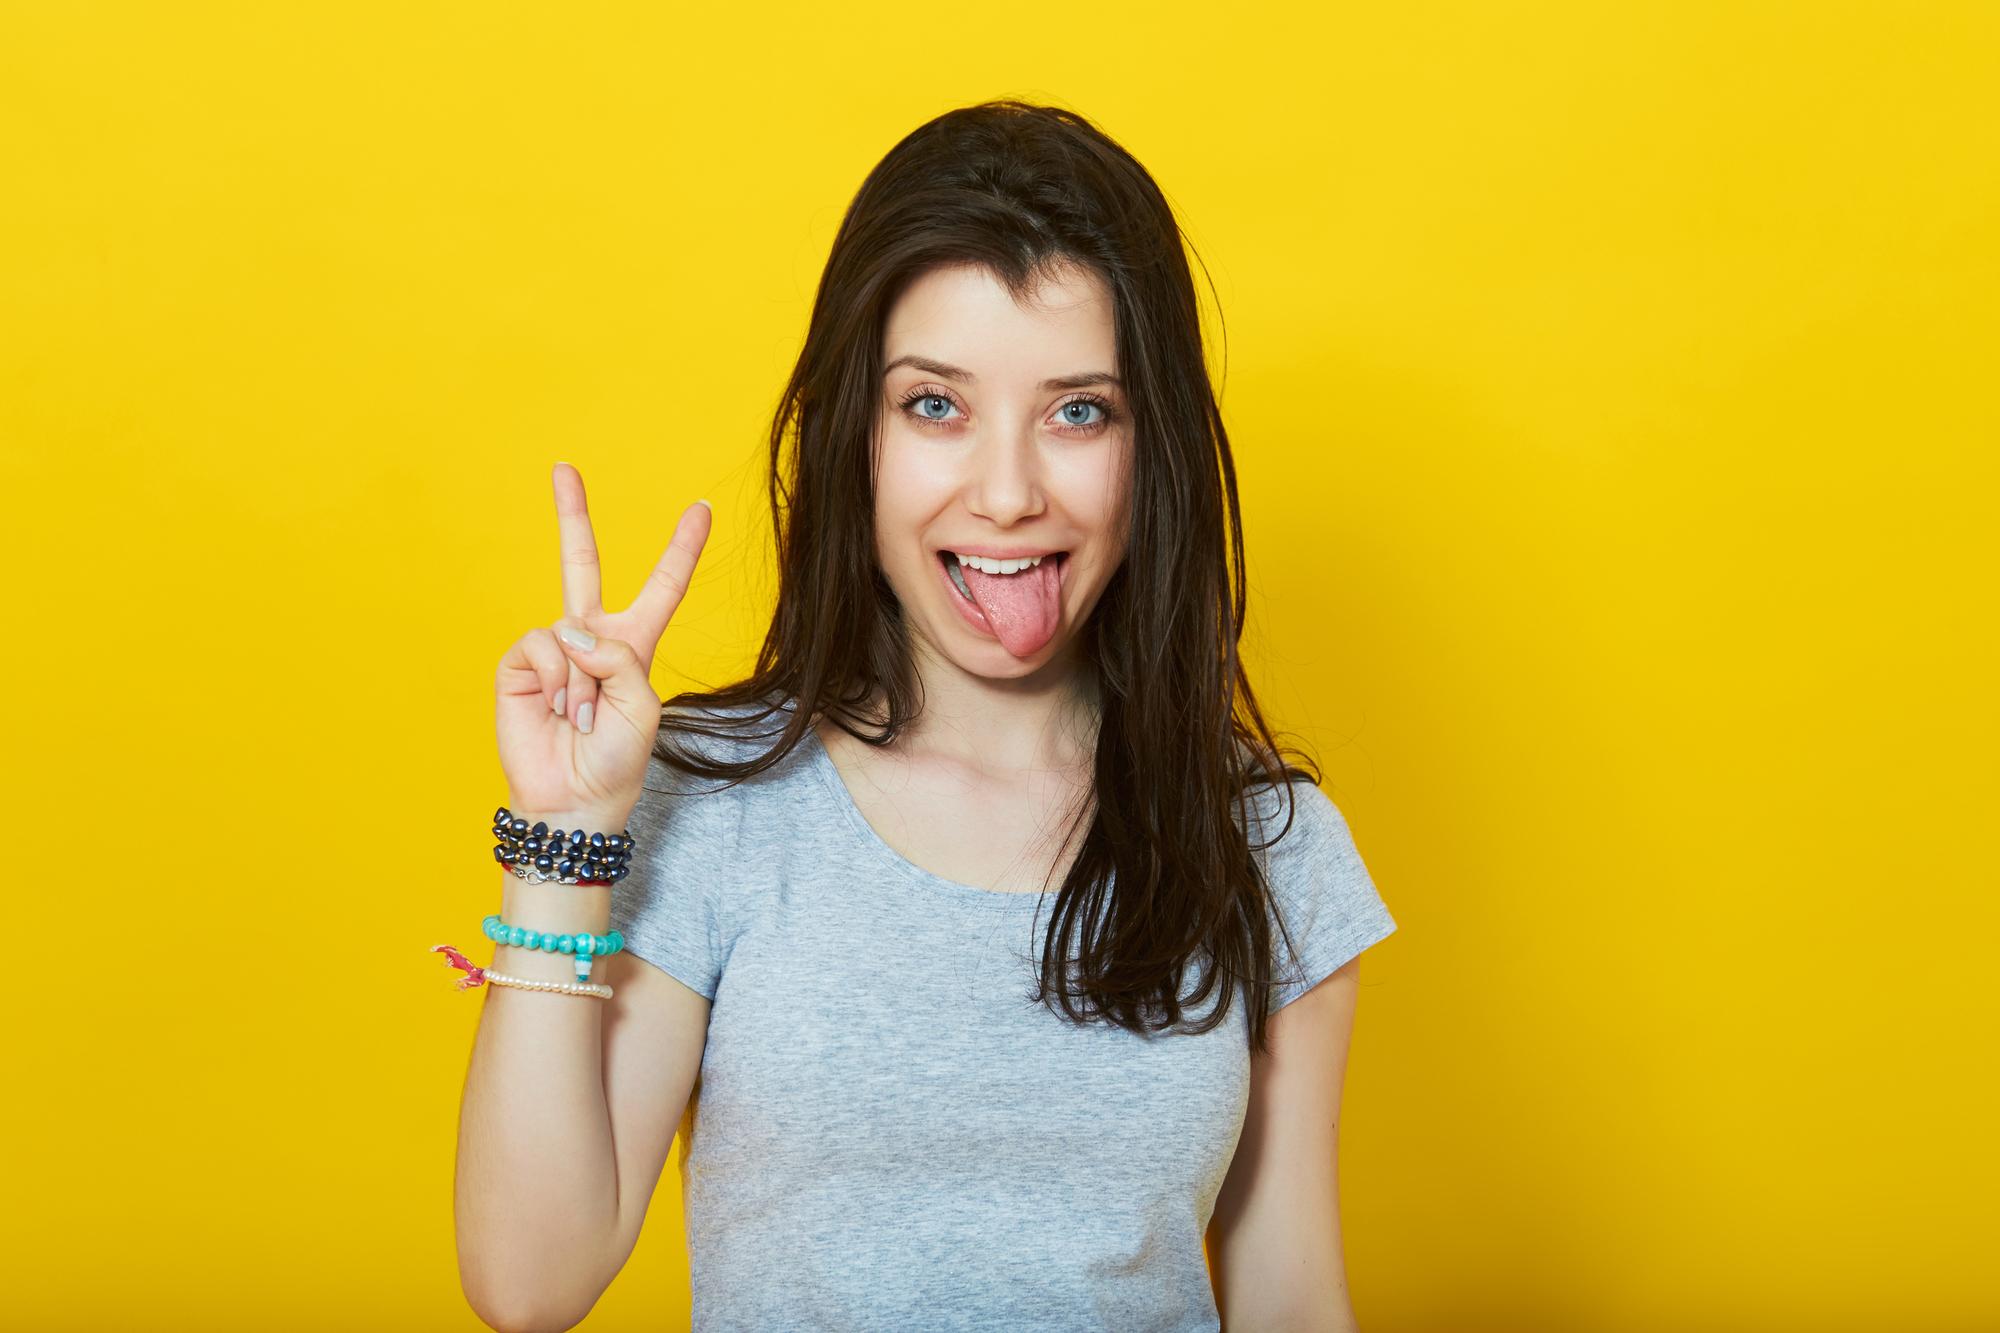 junge Frau macht Victoryzeichen mit herausgestreckter Zunge